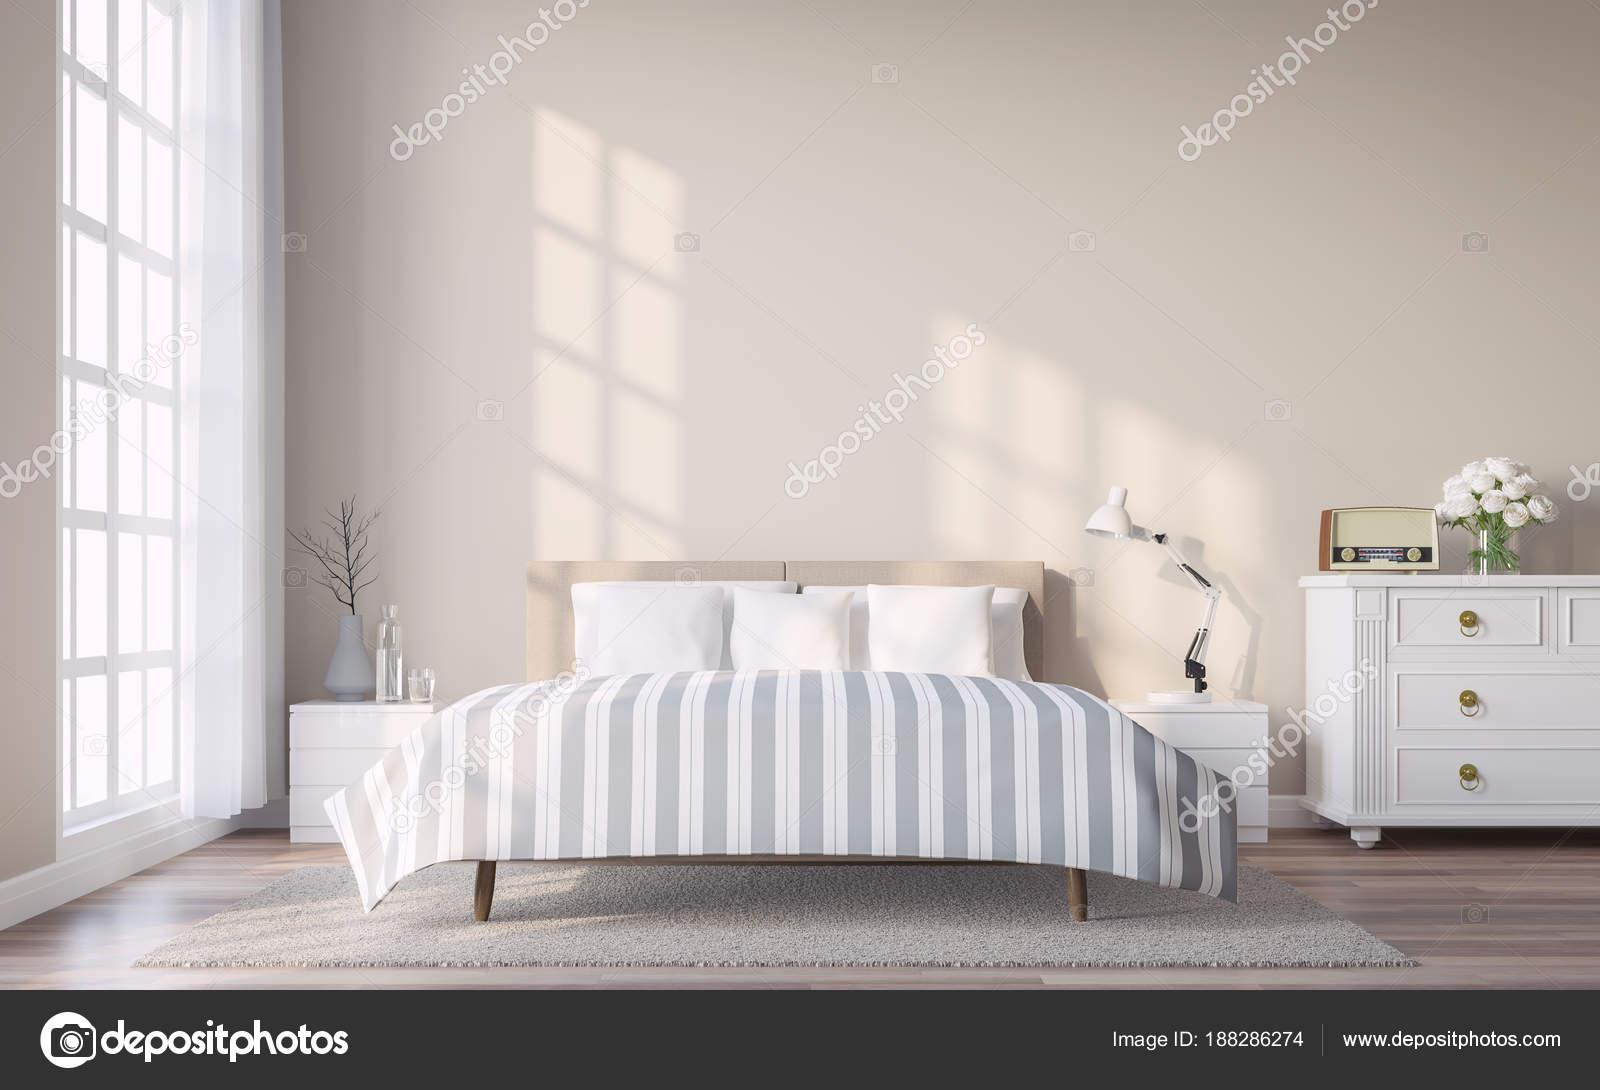 Bruine Slaapkamer Muur : Modern vintage slaapkamer met licht bruin muur render kamers